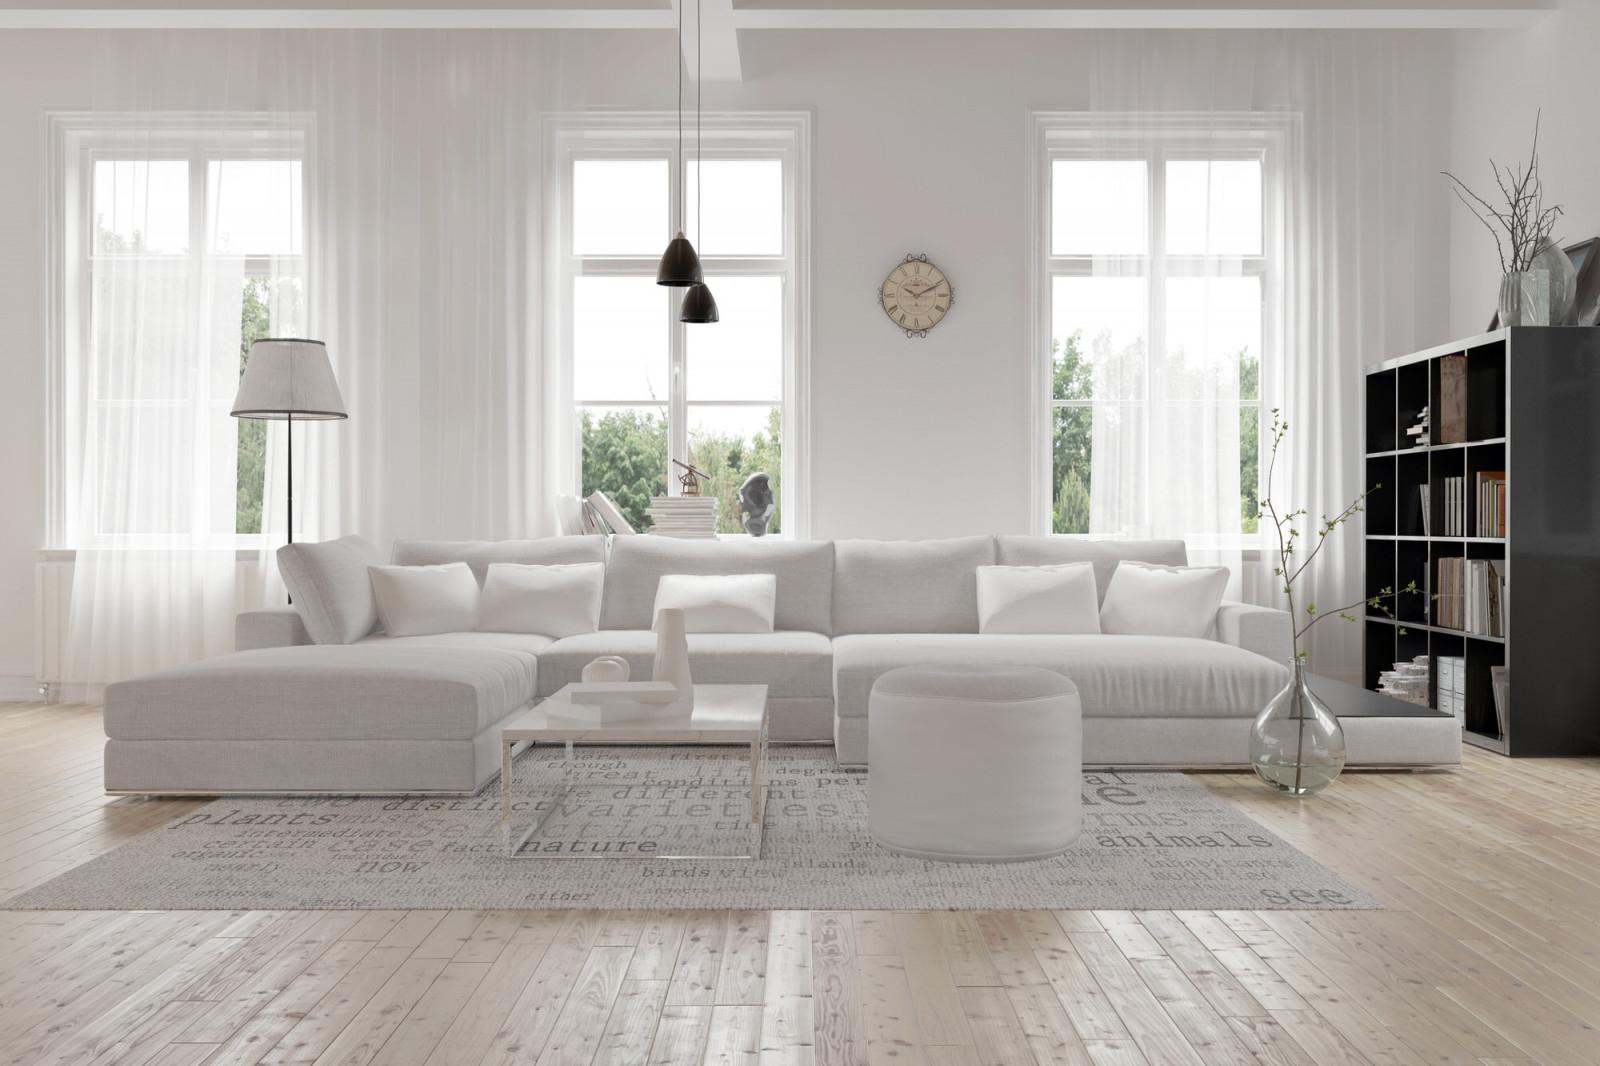 Große Räume Einrichten Und Gestalten – So Geht's  Heimhelden von Große Wohnzimmer Bilder Photo